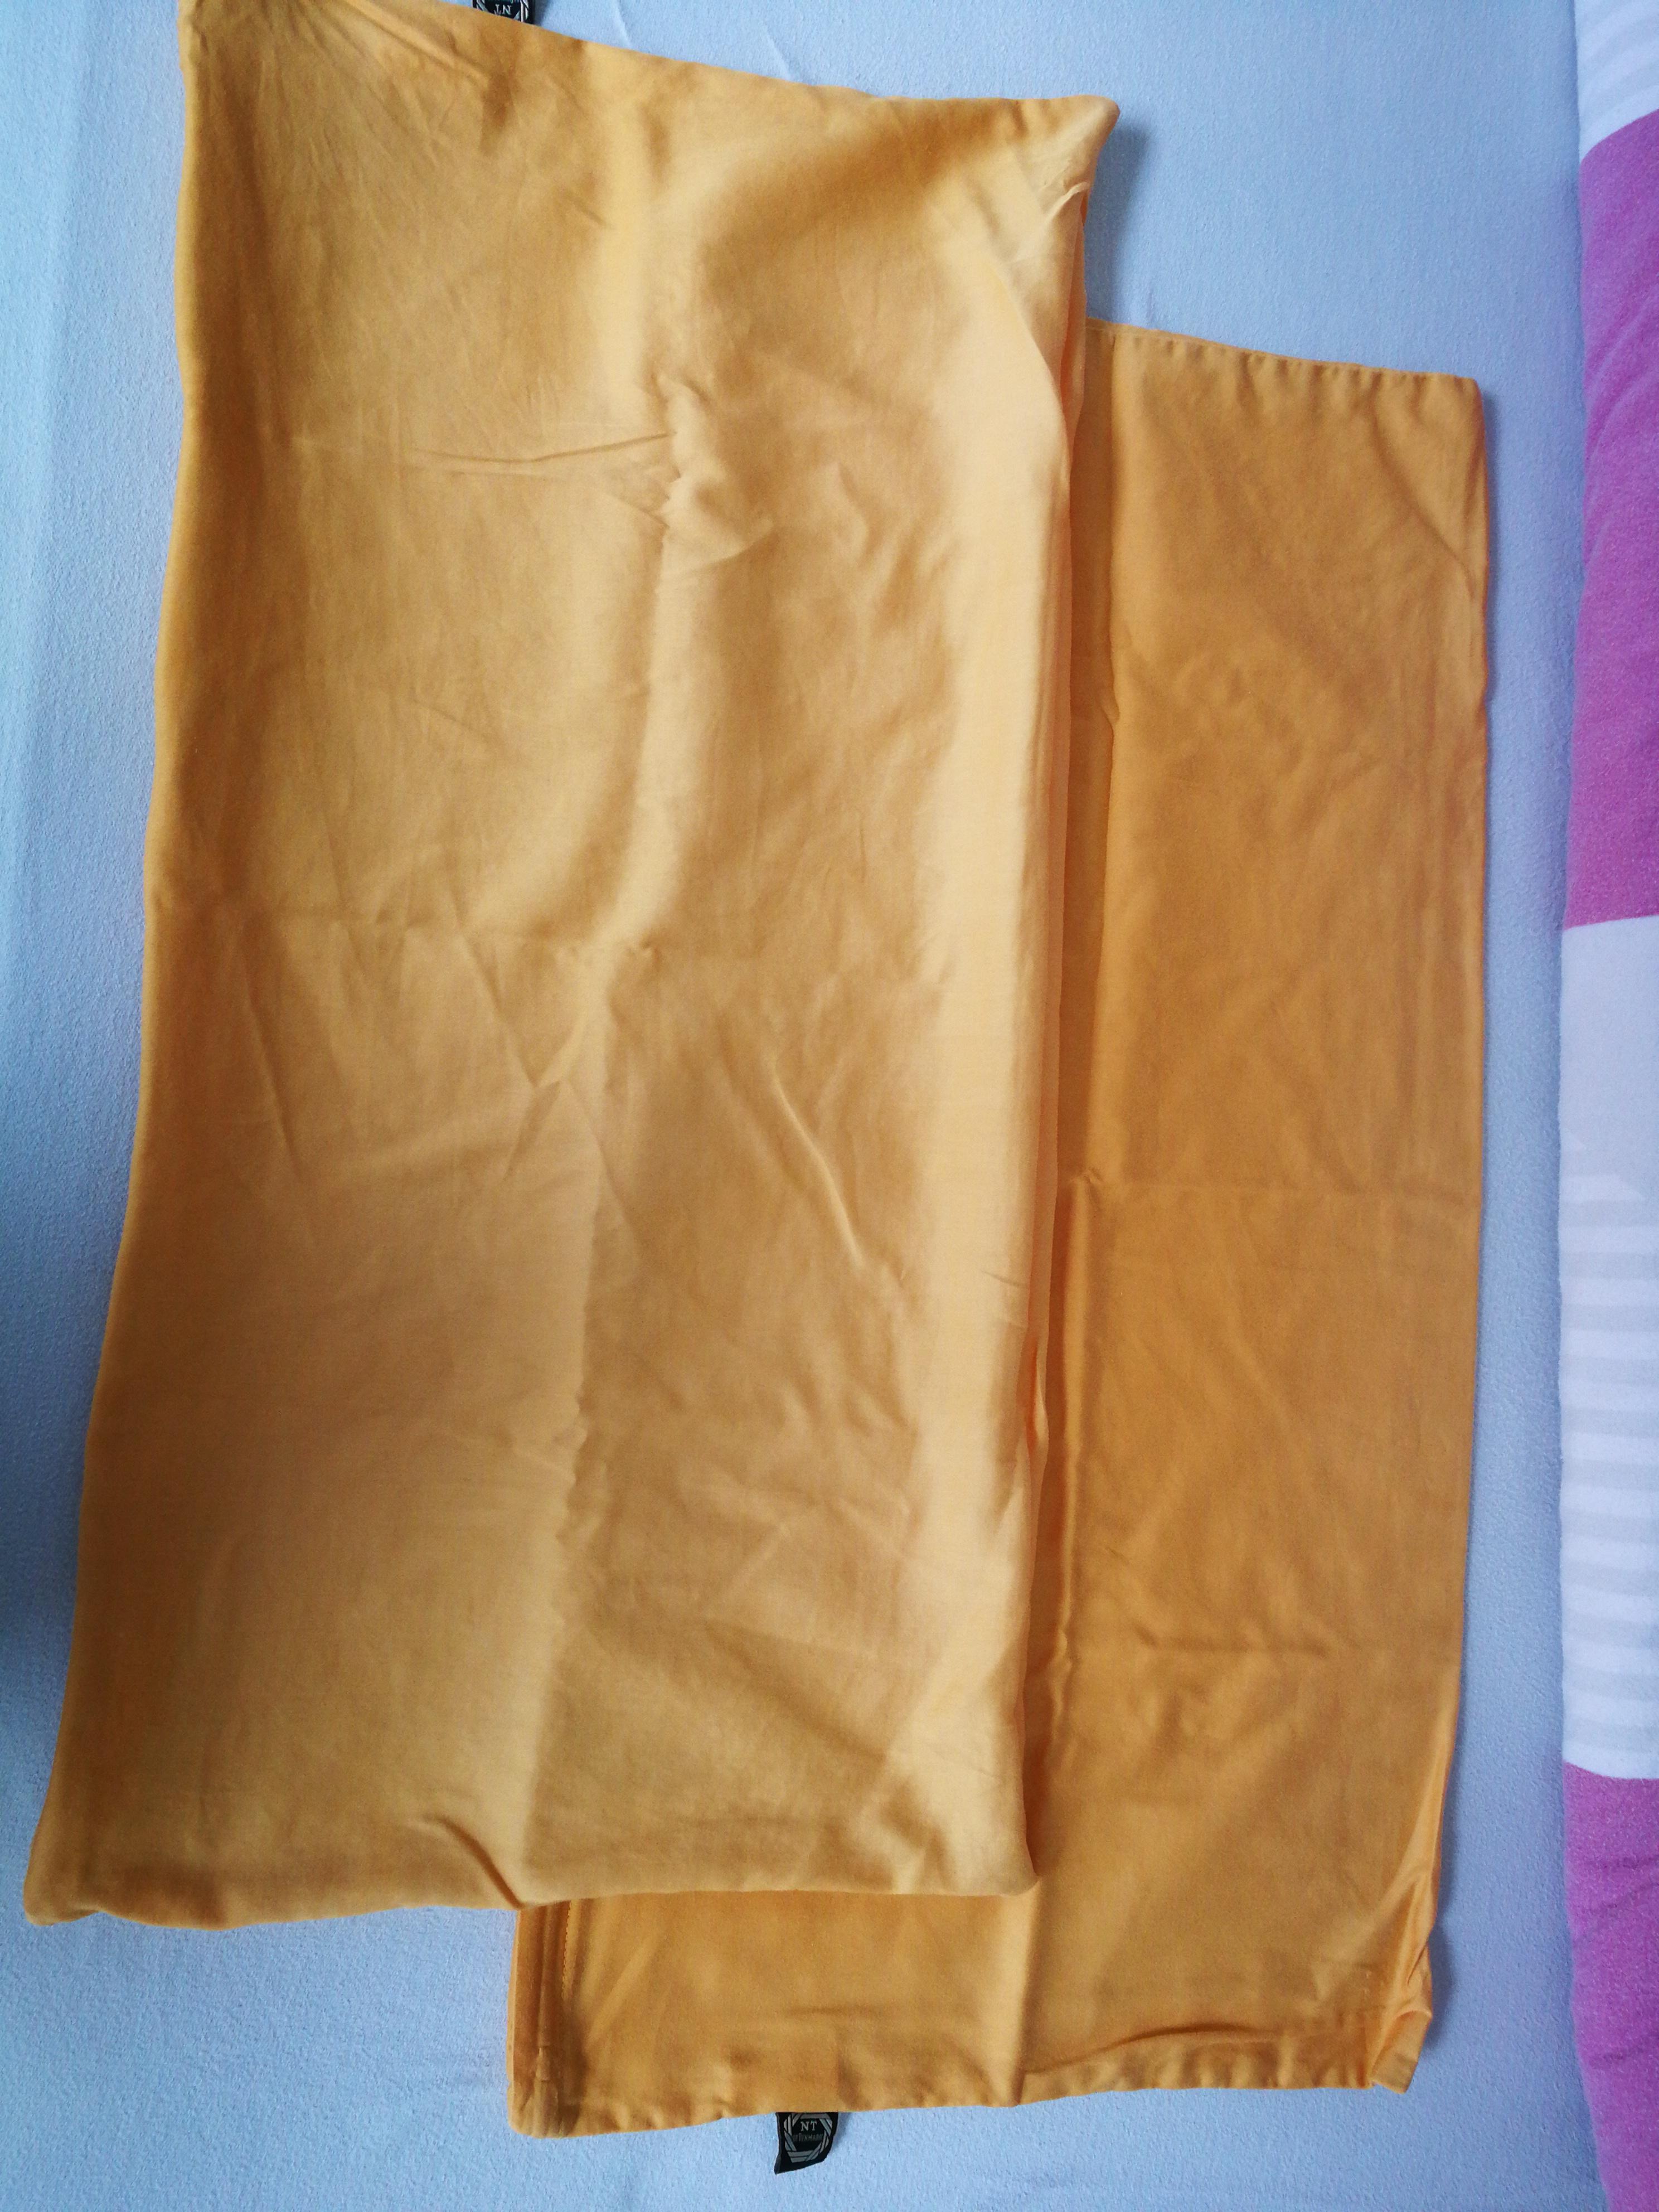 2 Kissenbezüge 40x80 cm tauschen